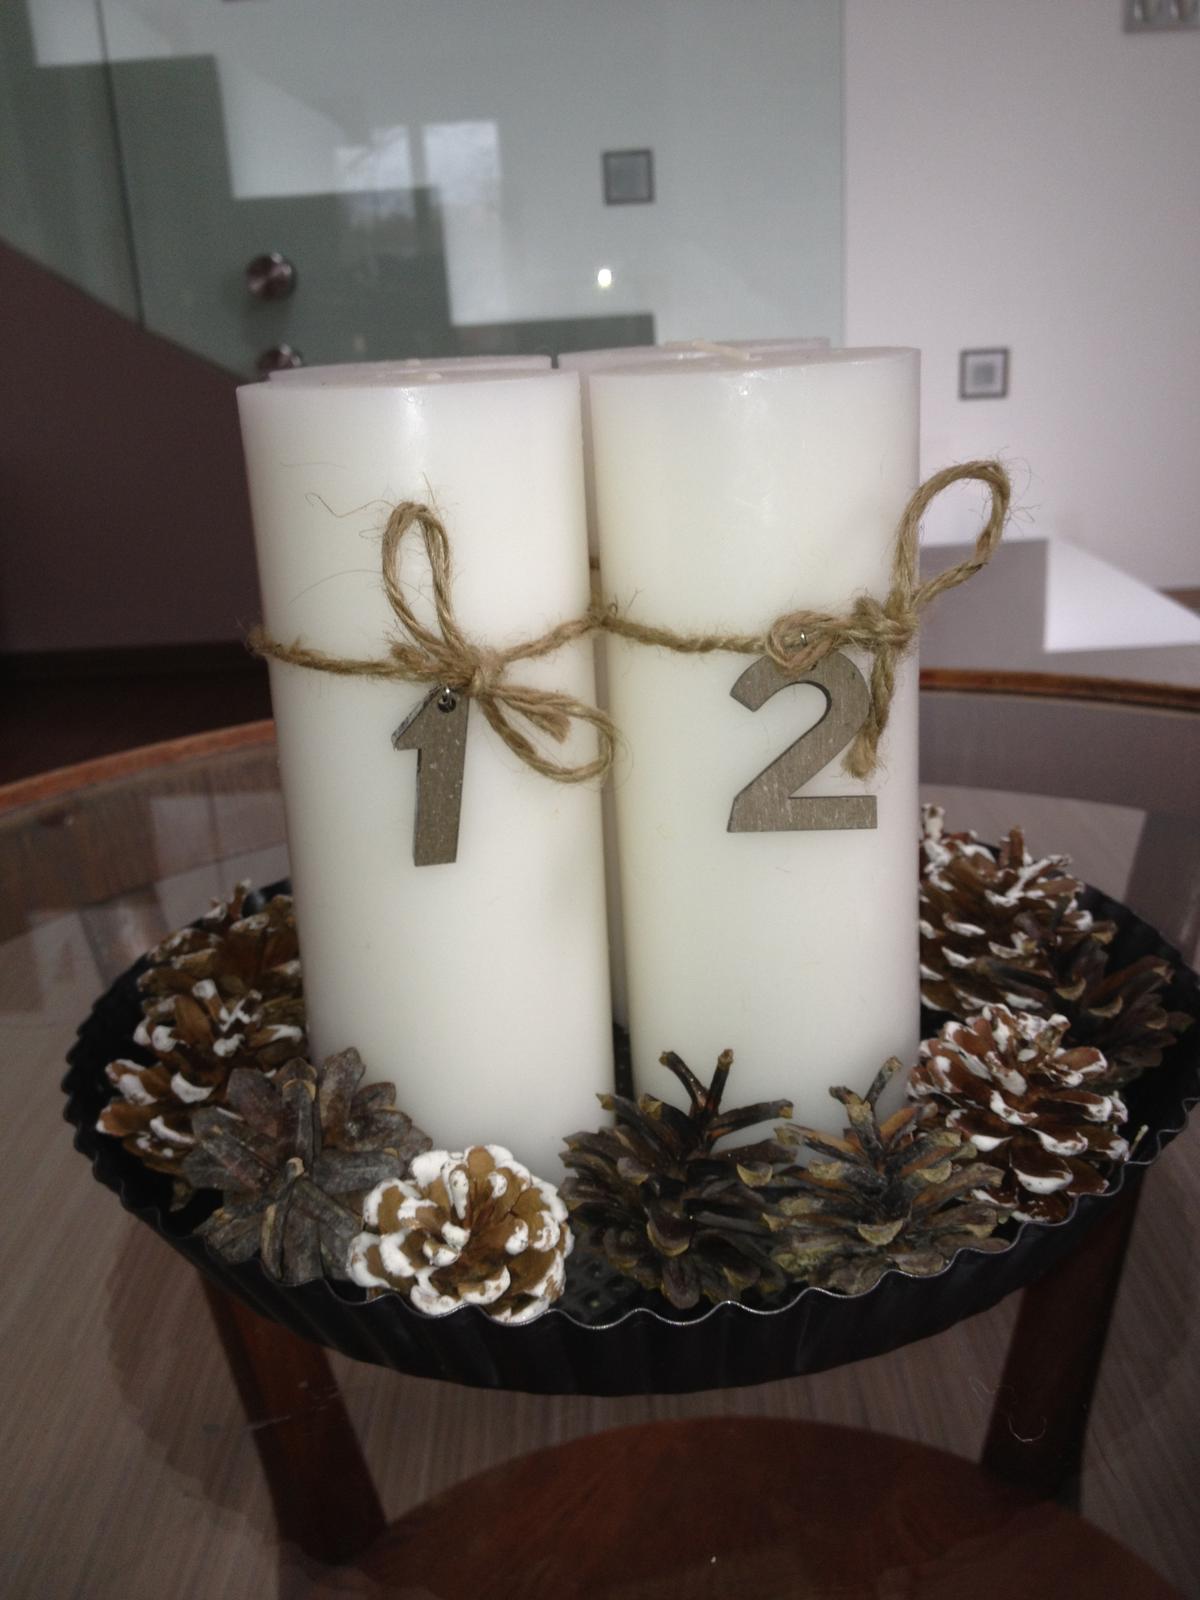 Vánoční:-) - Letošní adventní svícen....svíčky měli být původně v řadě, ale z technických důvodů :-D dopadl takhle :-)